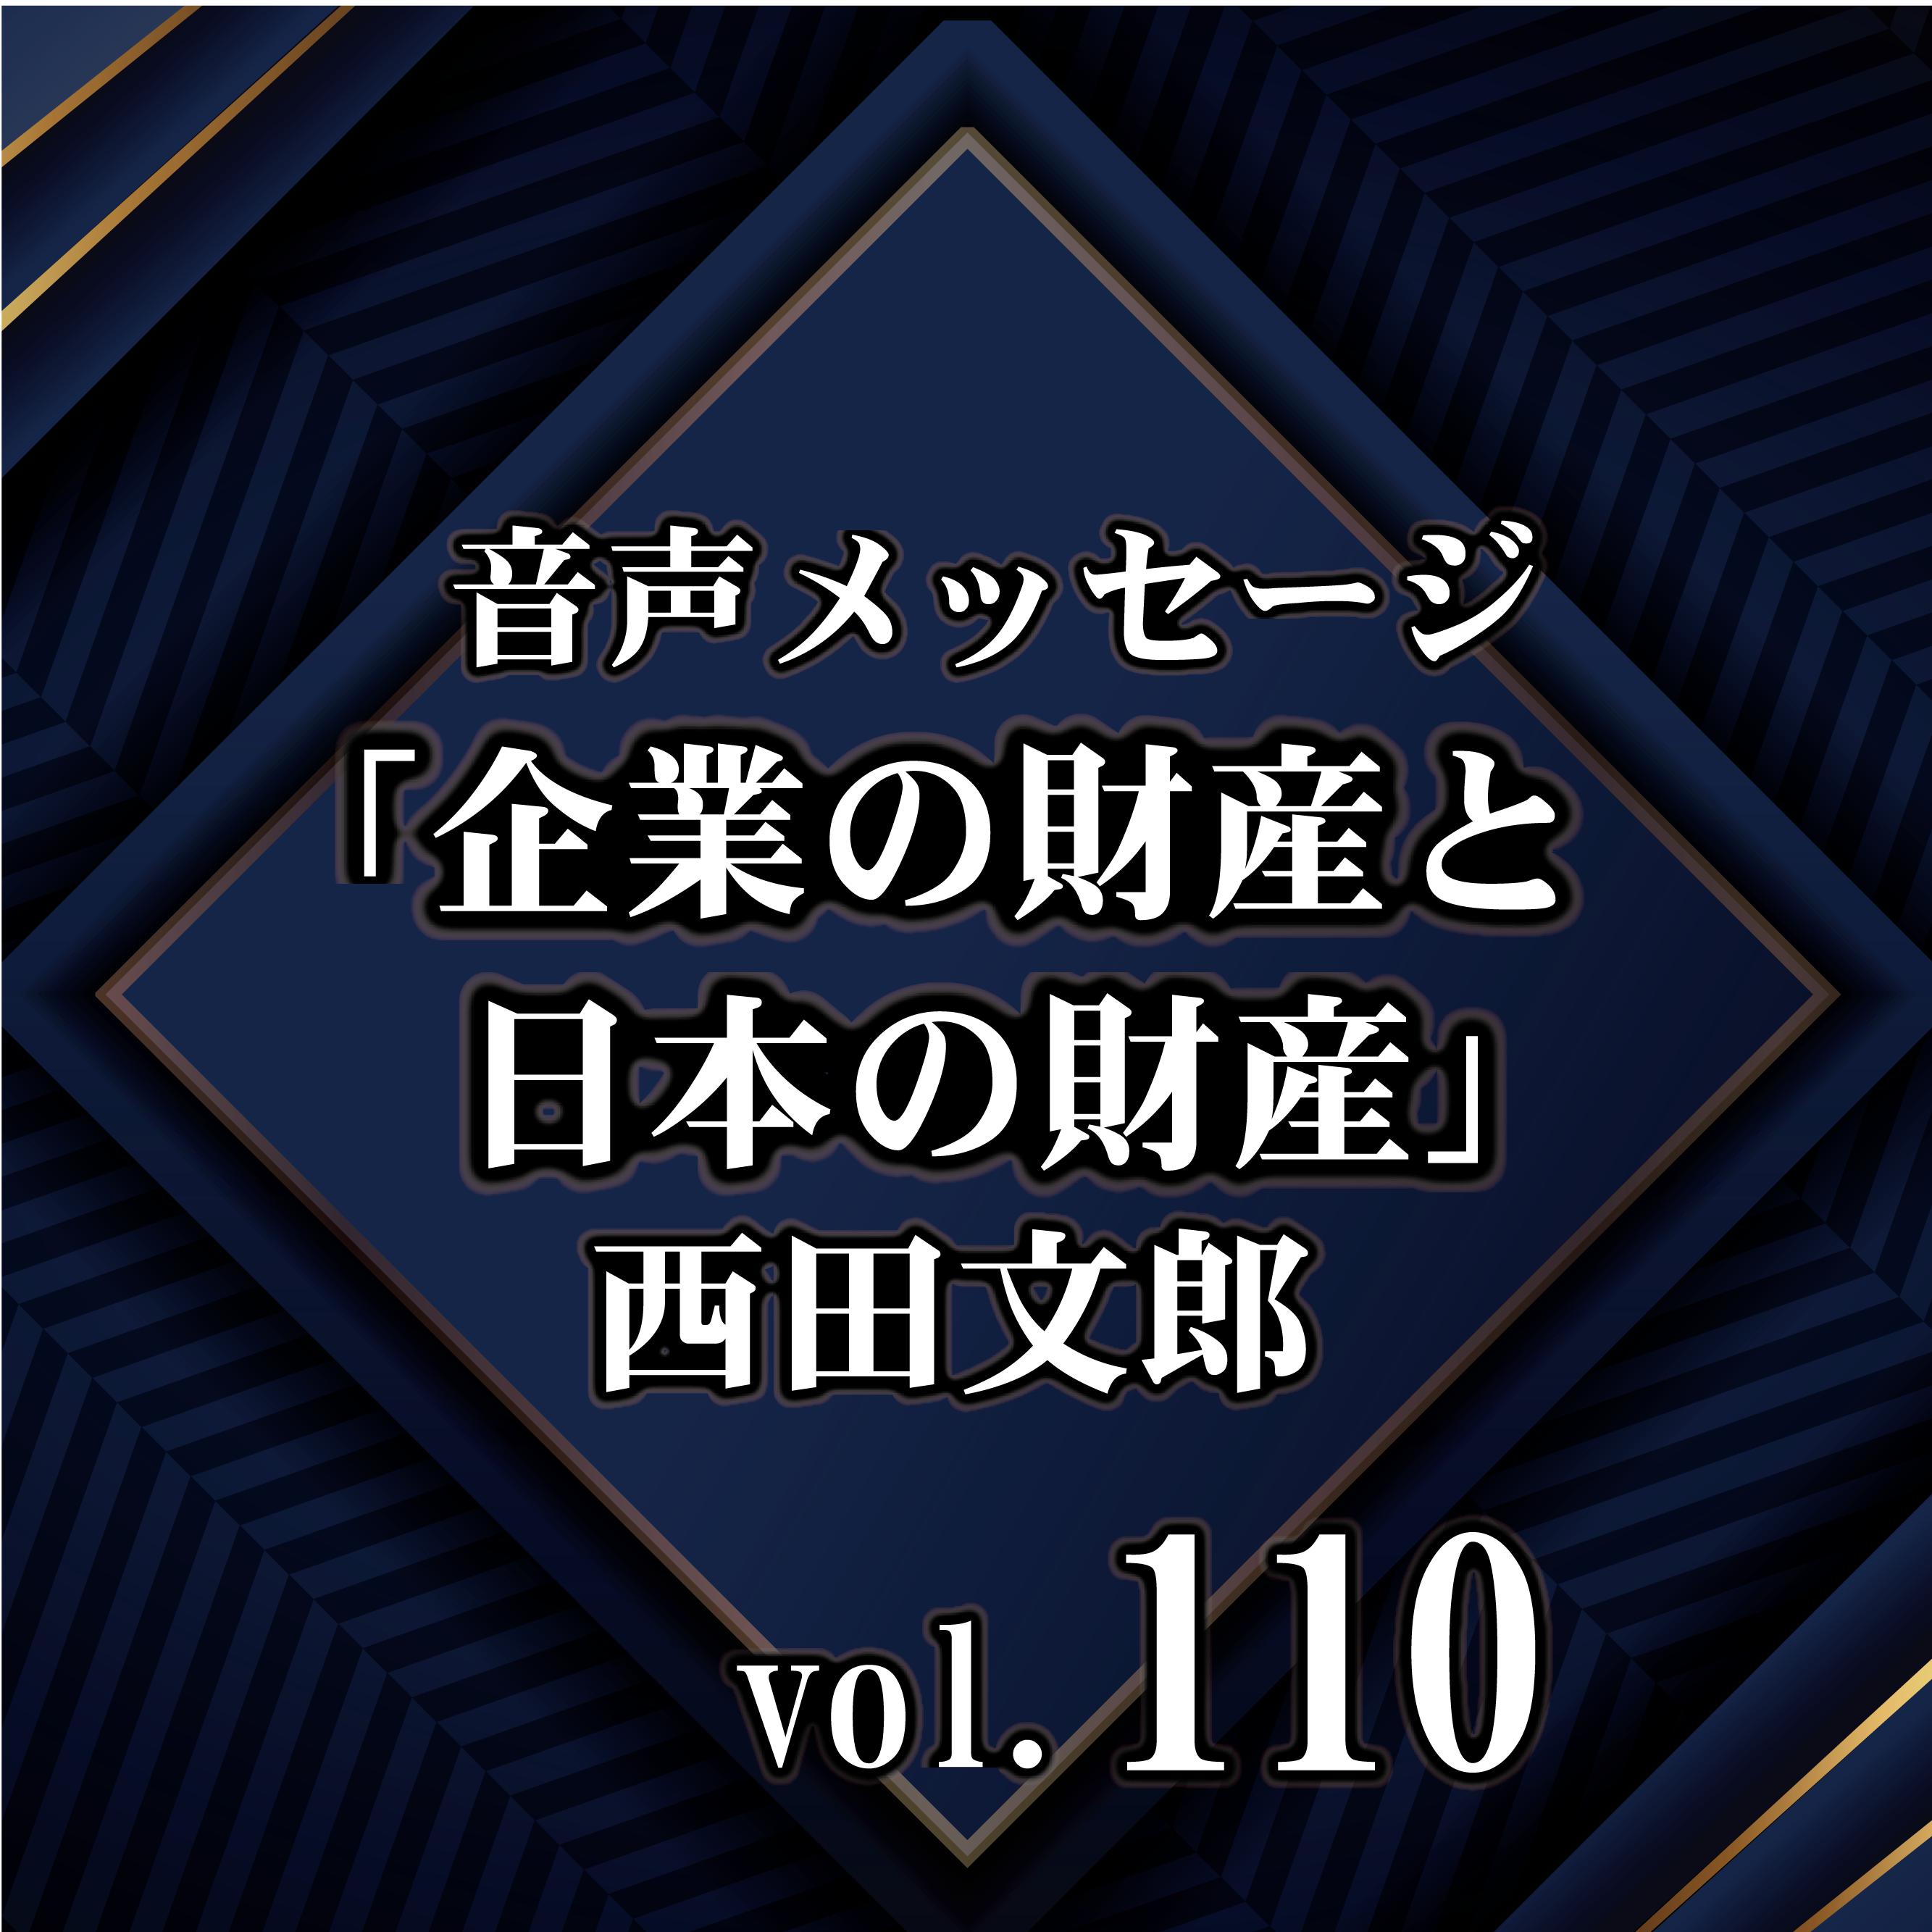 西田文郎 音声メッセージvol.110『企業の財産と日本の財産』